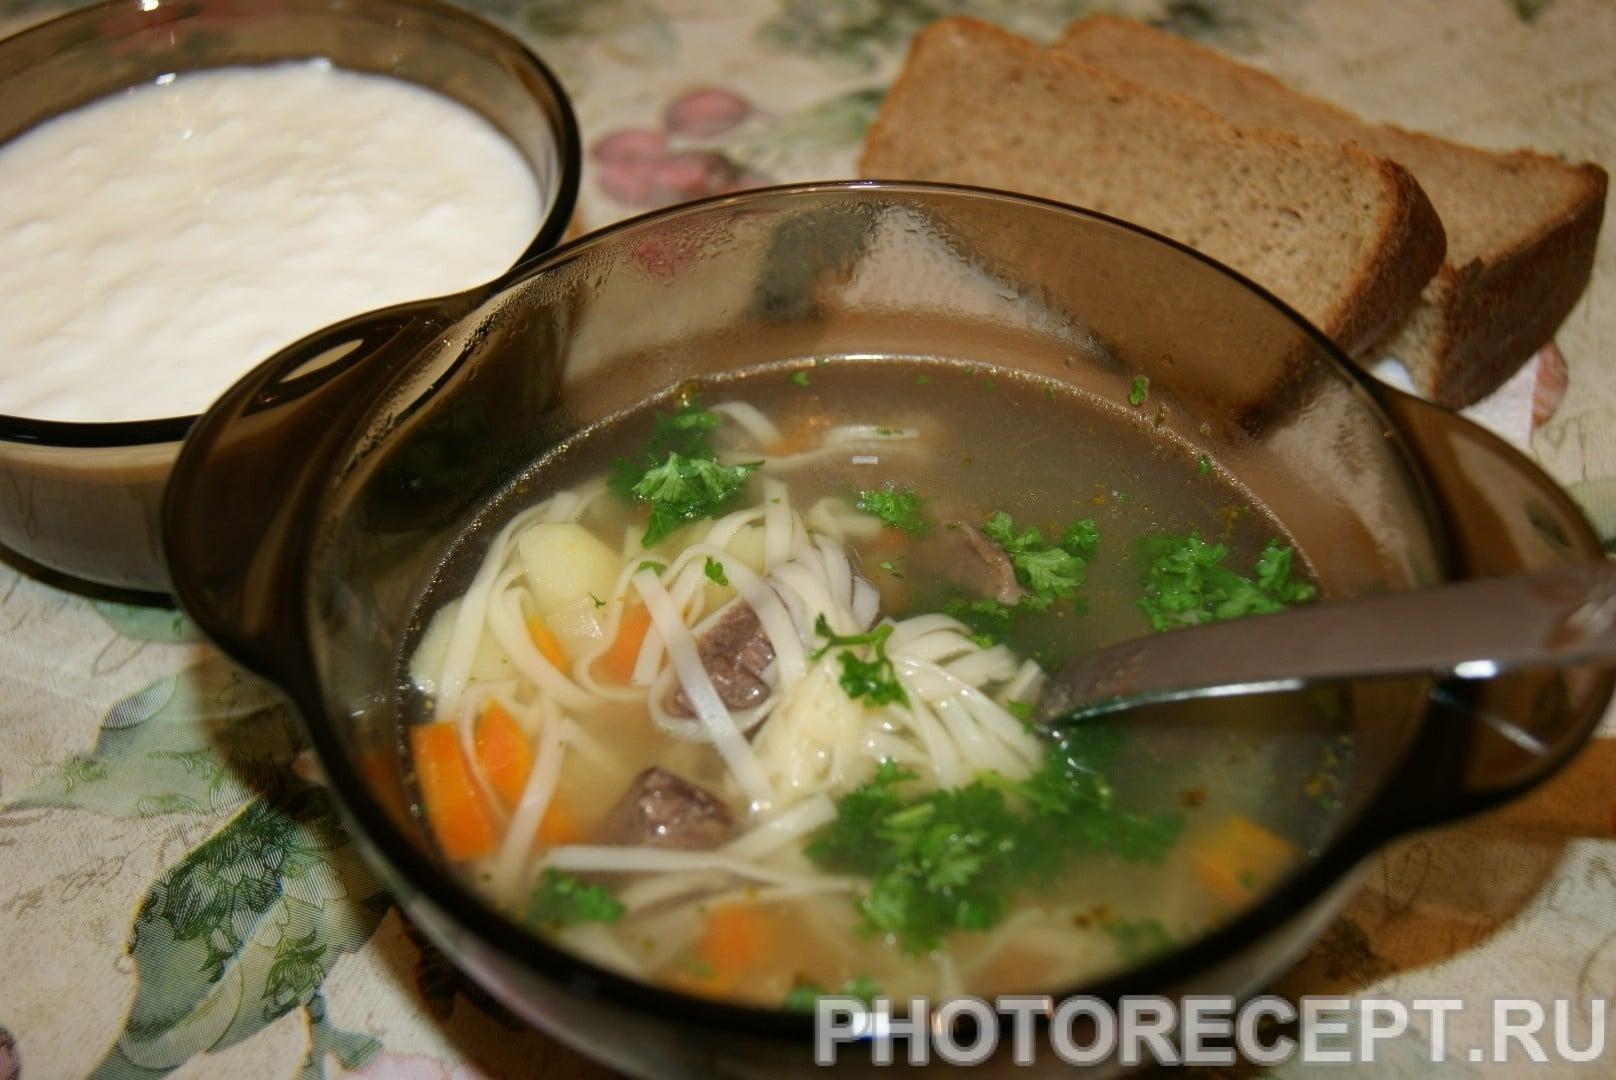 Супы домашние рецепты пошагово